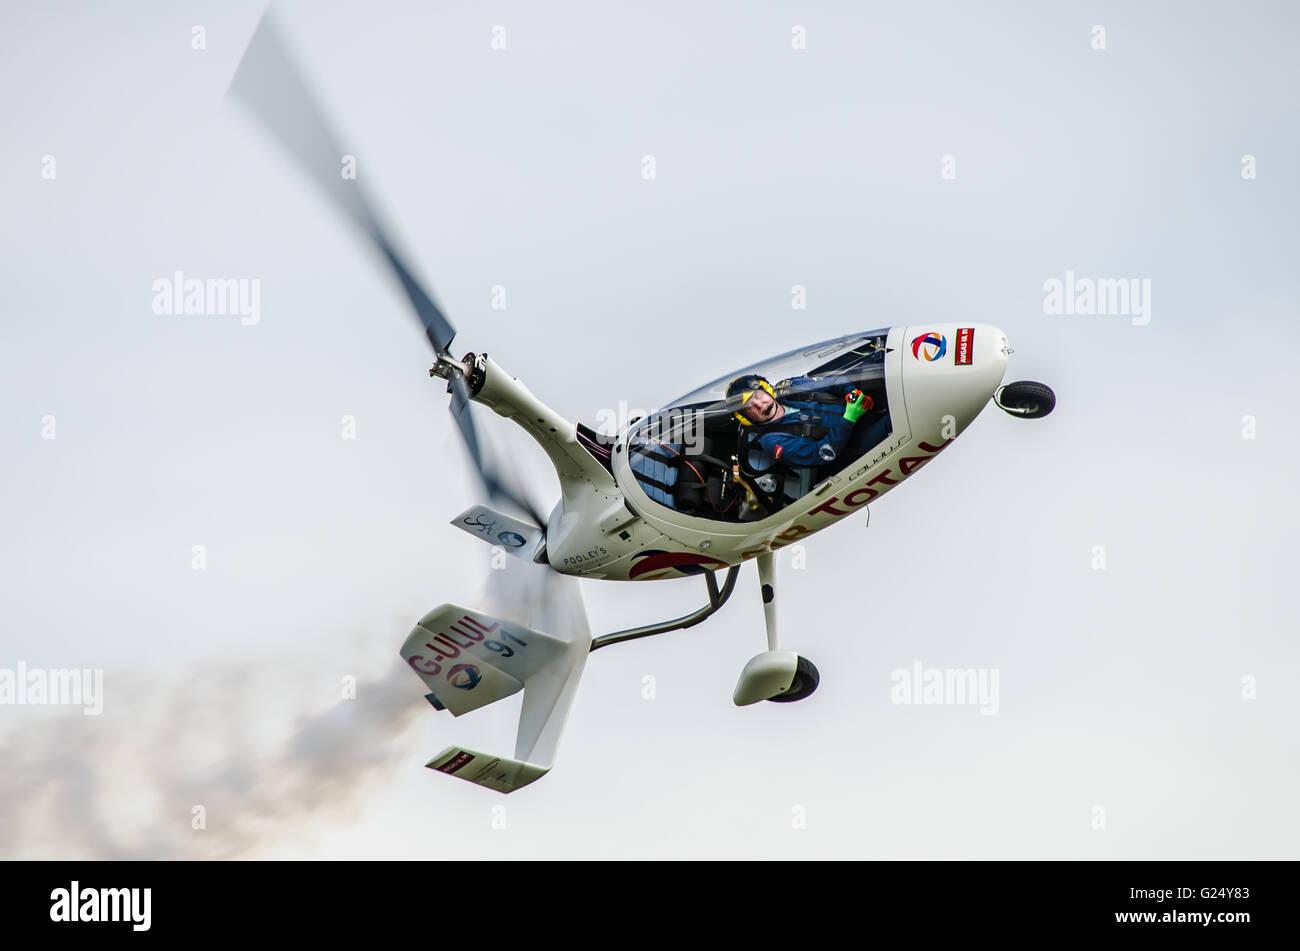 Gyroplane Stock Photos & Gyroplane Stock Images - Alamy